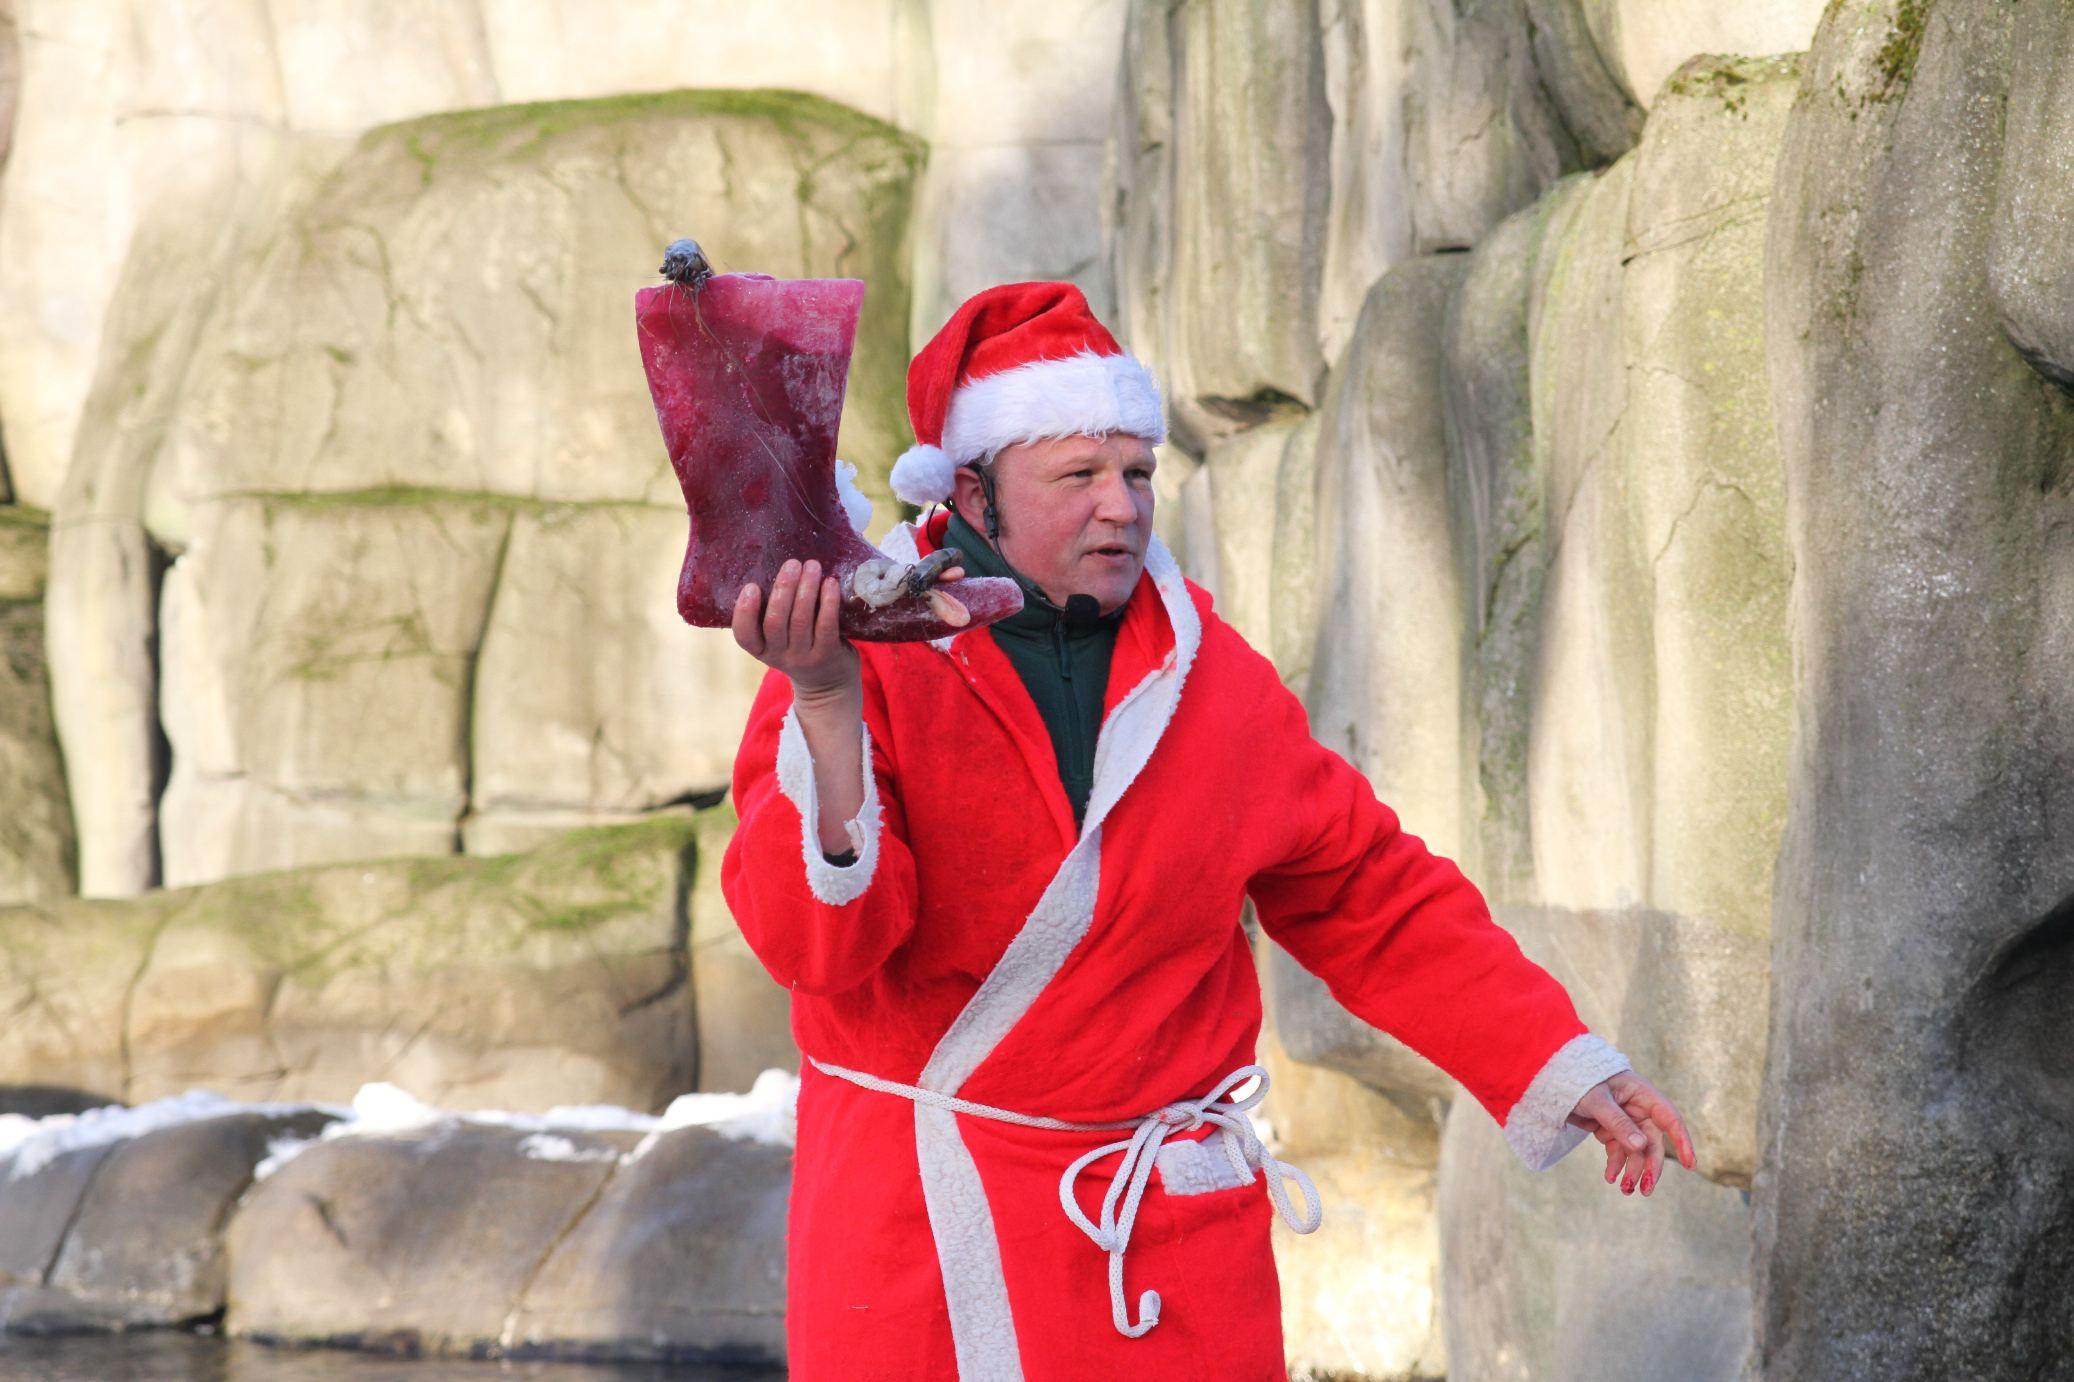 Mhh lecker, ein Stiefel aus Eis. Foto: Tierpark Hagenbeck